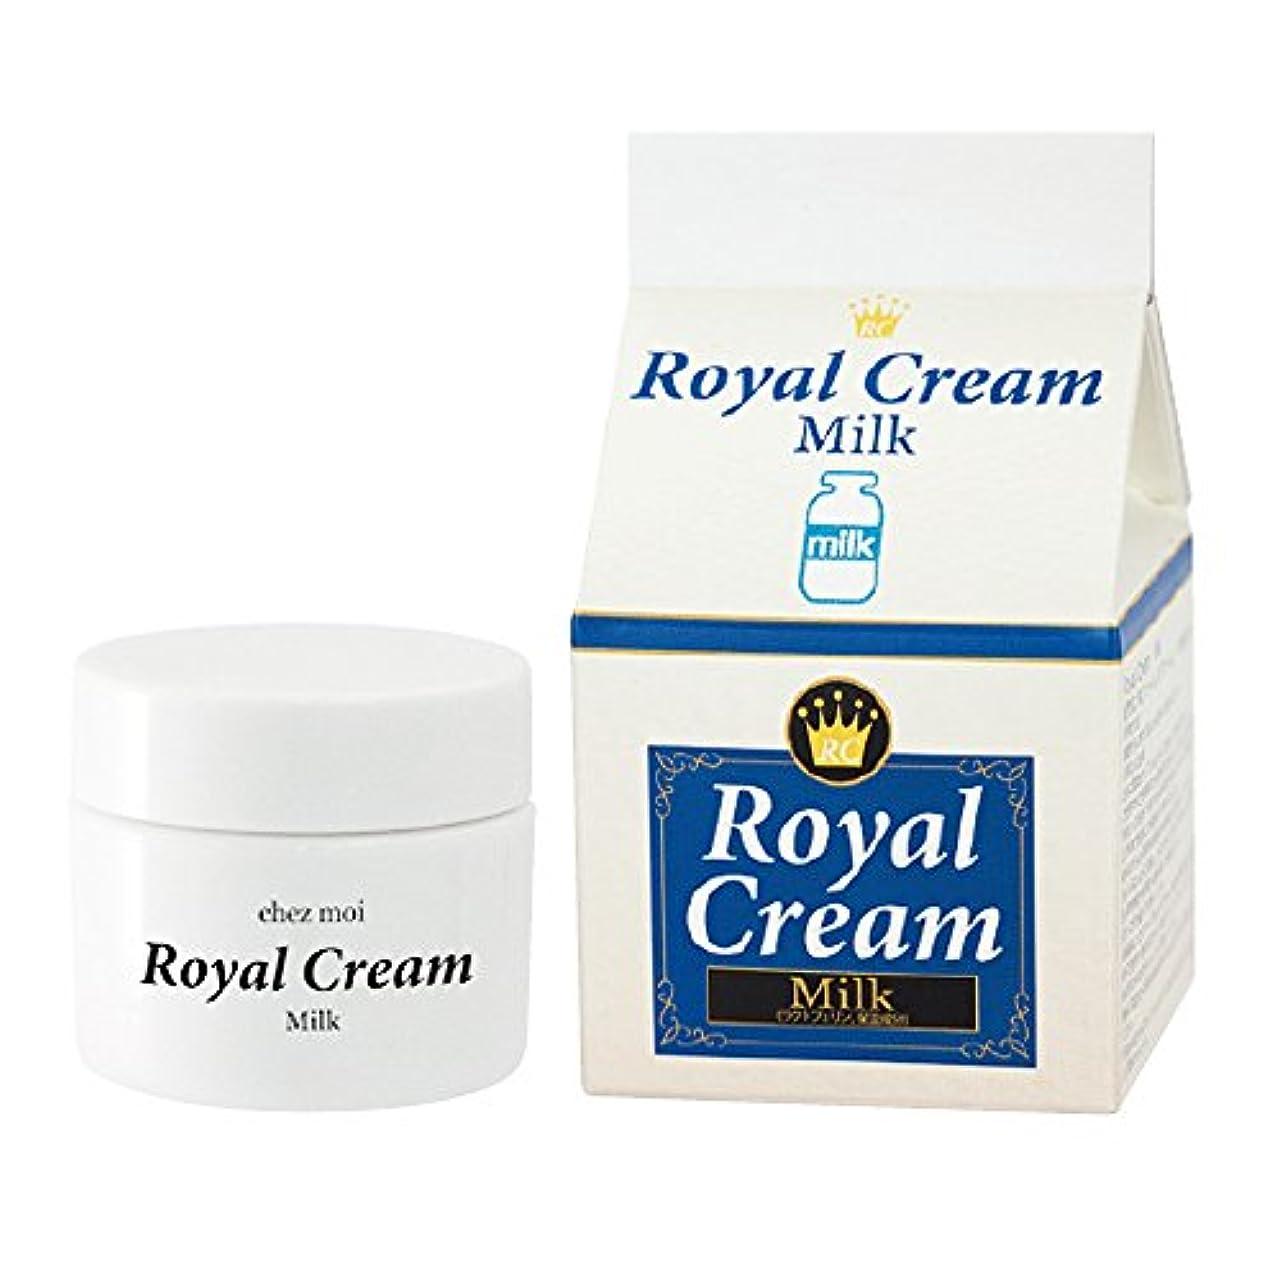 仮装打たれたトラック重要な役割を果たす、中心的な手段となるシェモア Royal Cream(ロイヤルクリーム) Milk(ミルク) 30g